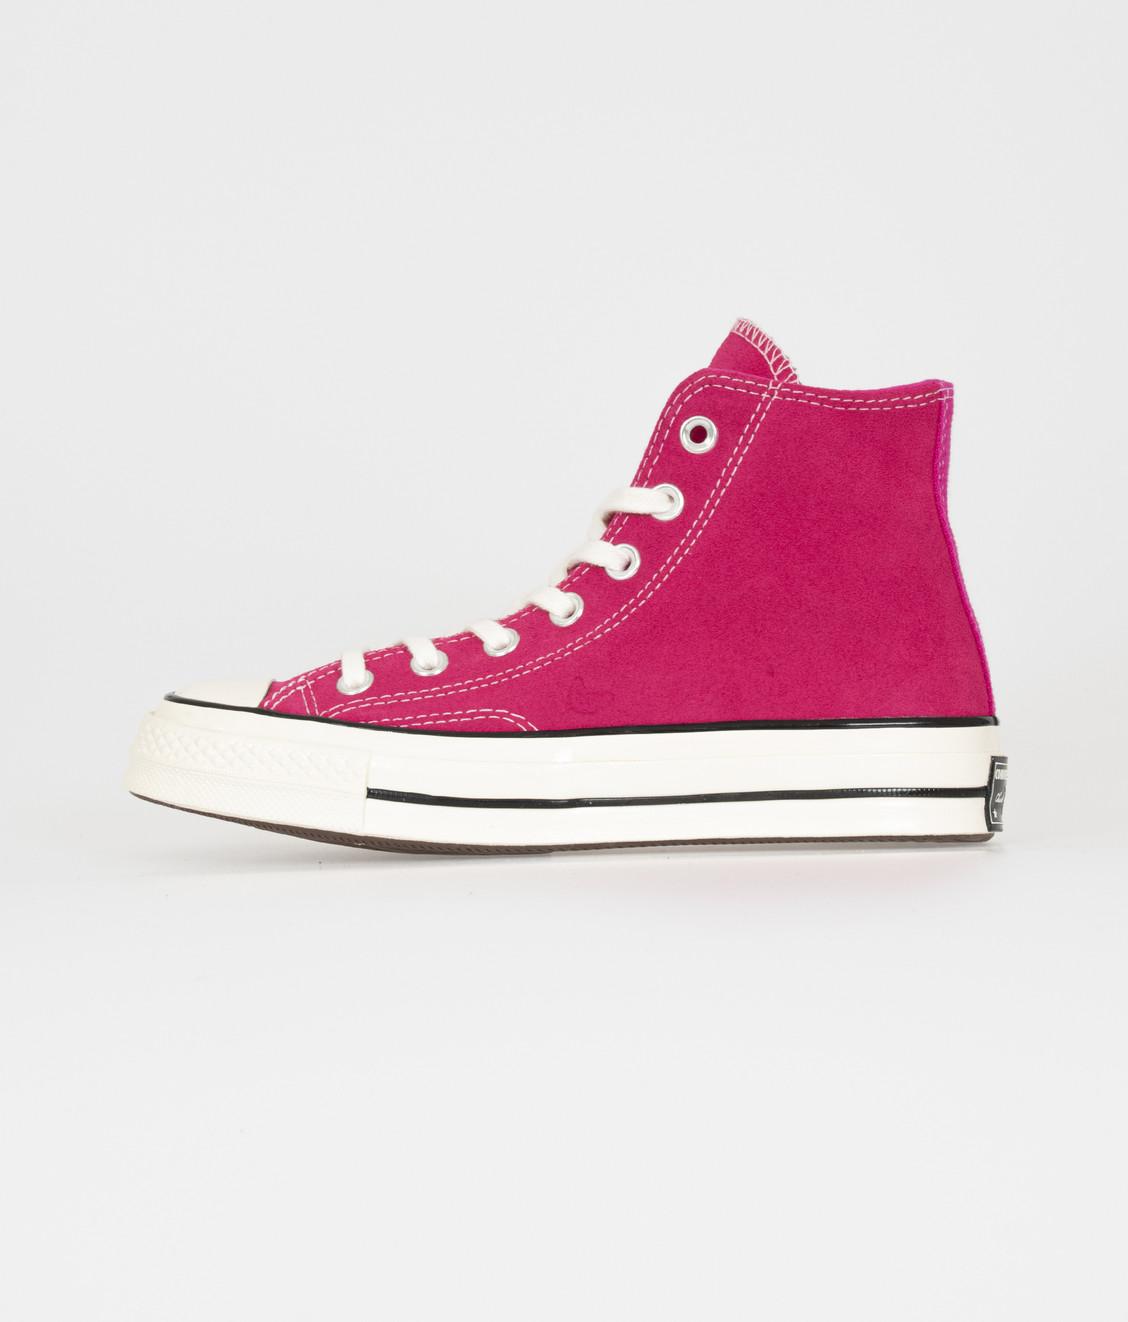 Converse Converse Chuck 70 Hi Hot Pink